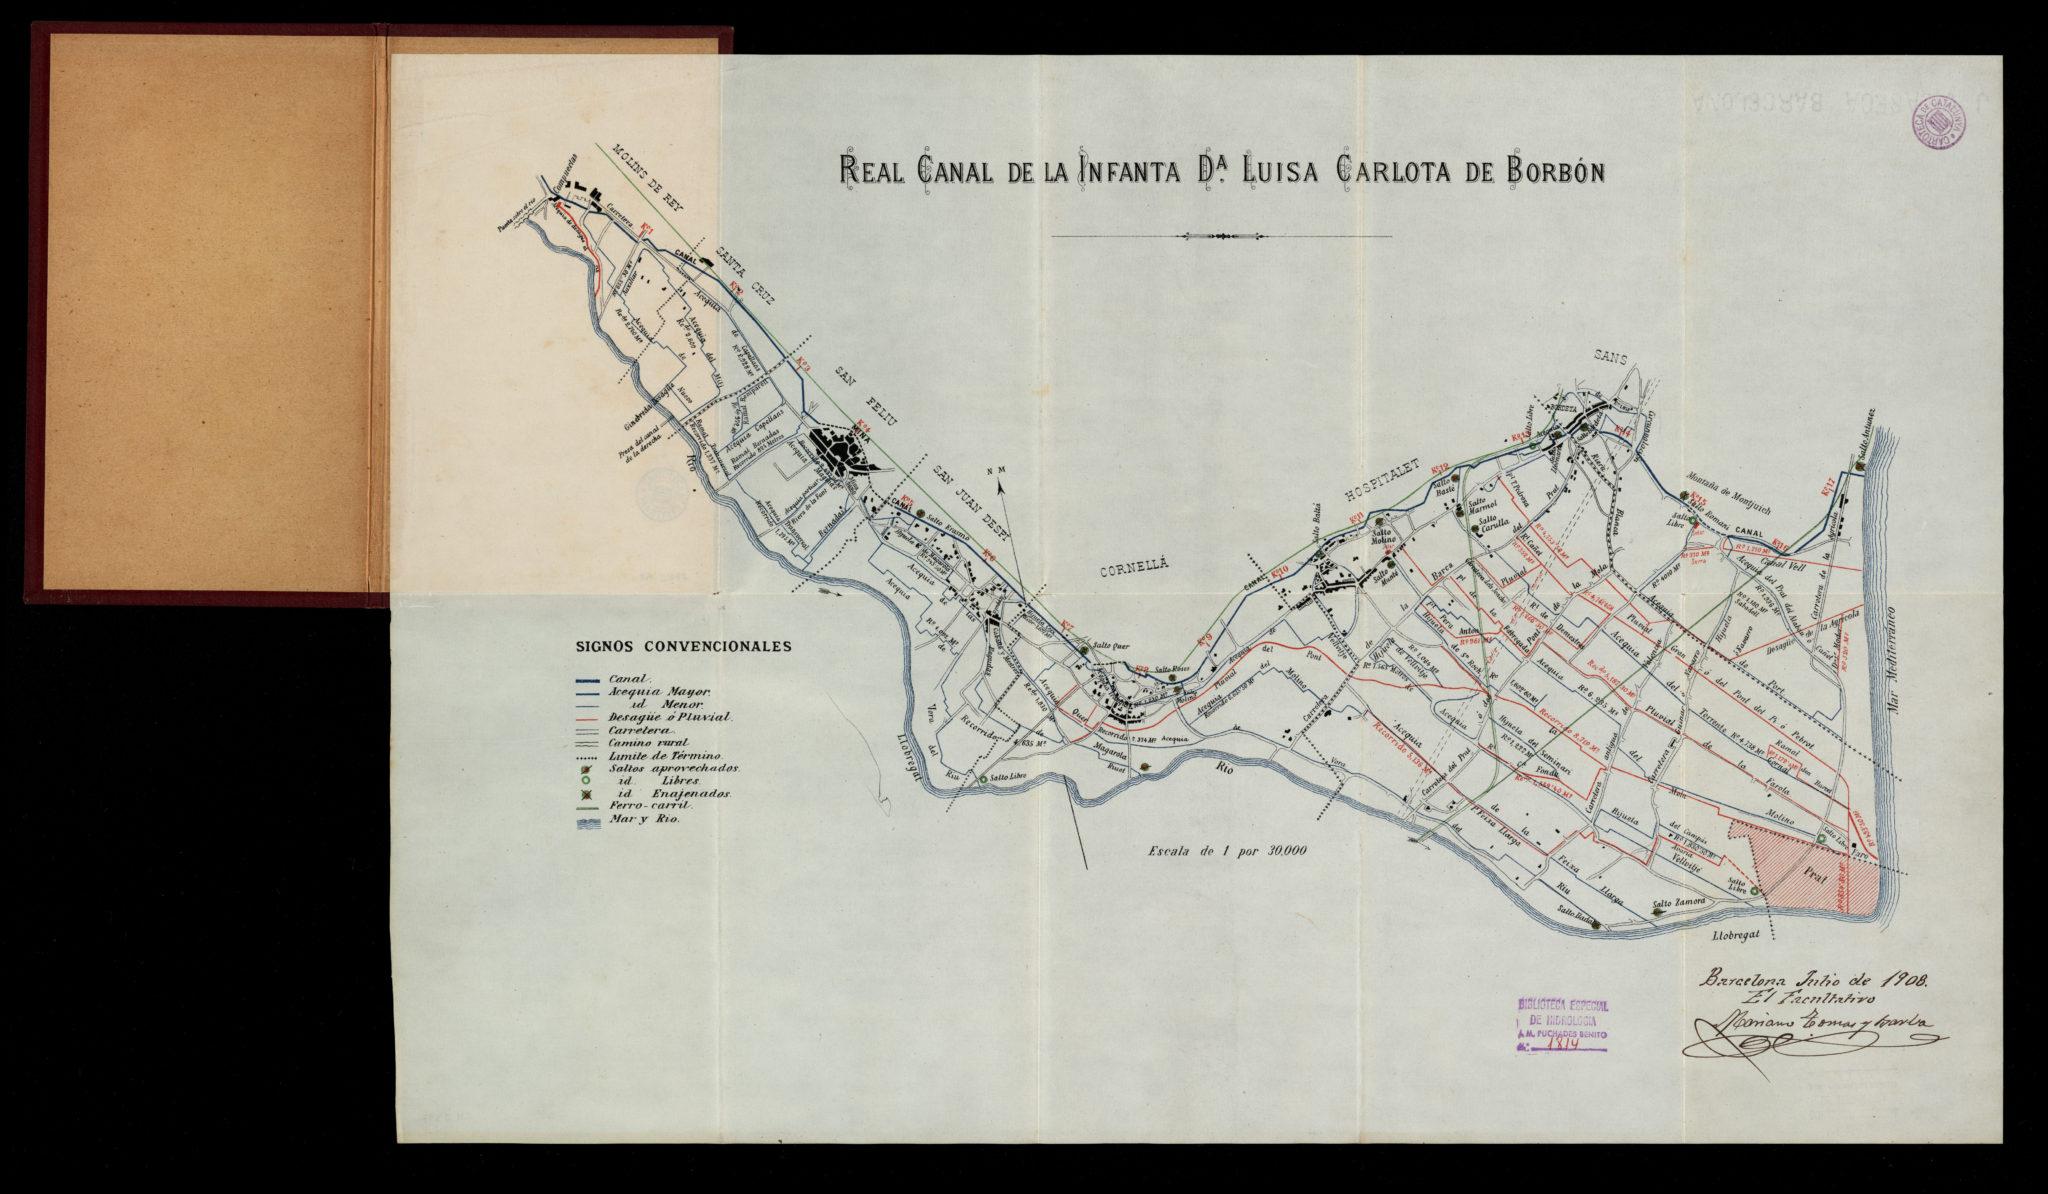 real-canal-de-la-infanta-da-luisa-carlota-de-borbon-1908-tomas-barba-y-mariano-icc